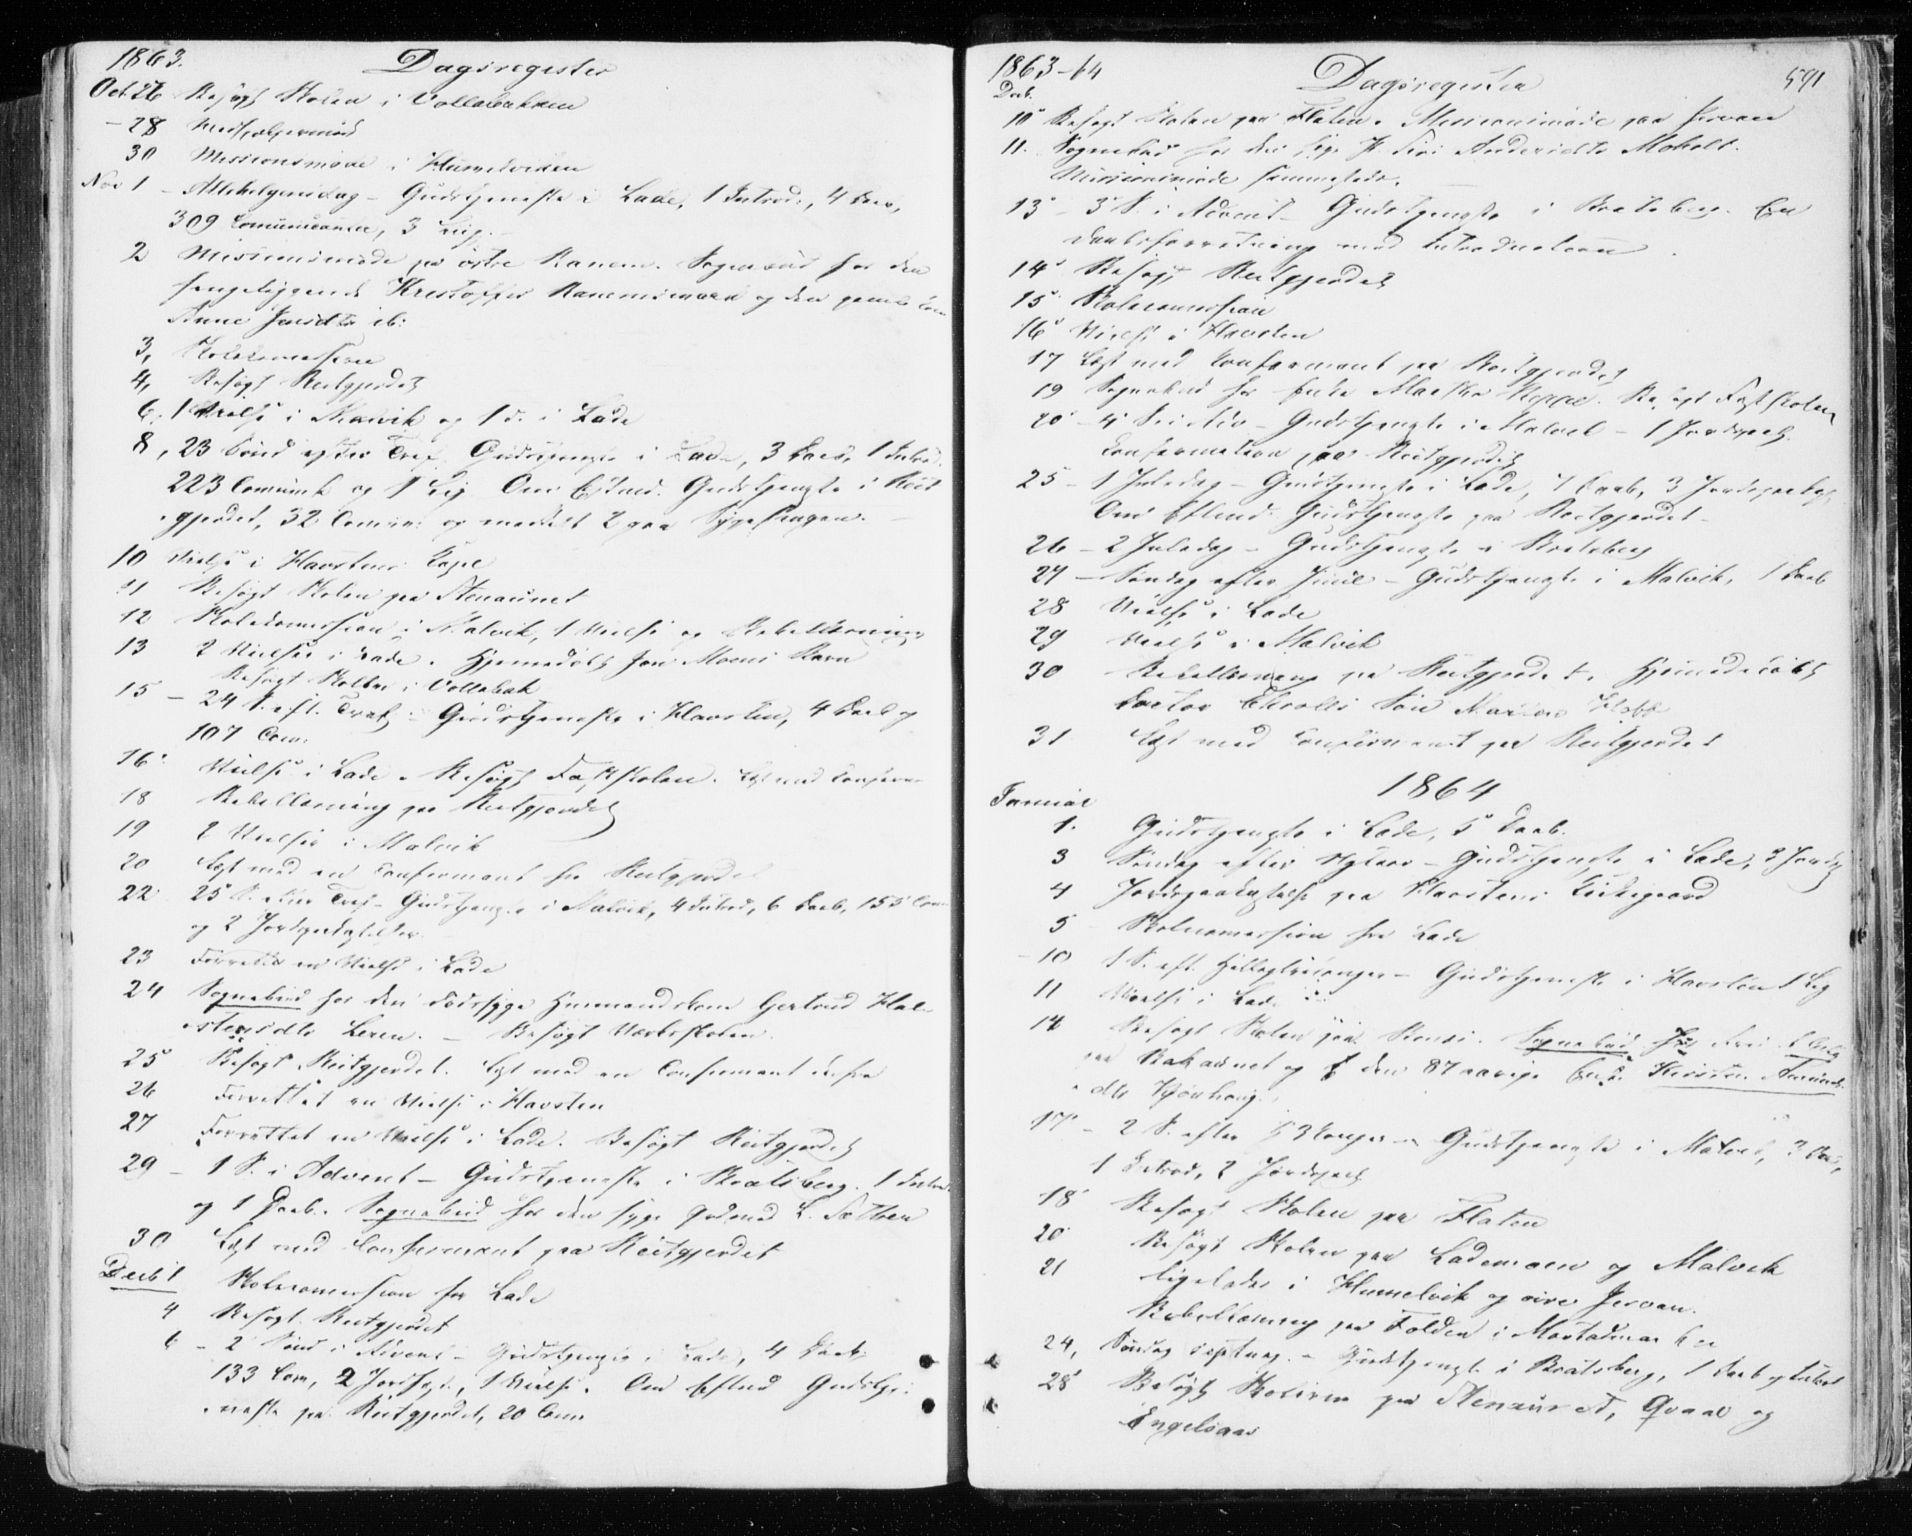 SAT, Ministerialprotokoller, klokkerbøker og fødselsregistre - Sør-Trøndelag, 606/L0292: Ministerialbok nr. 606A07, 1856-1865, s. 591